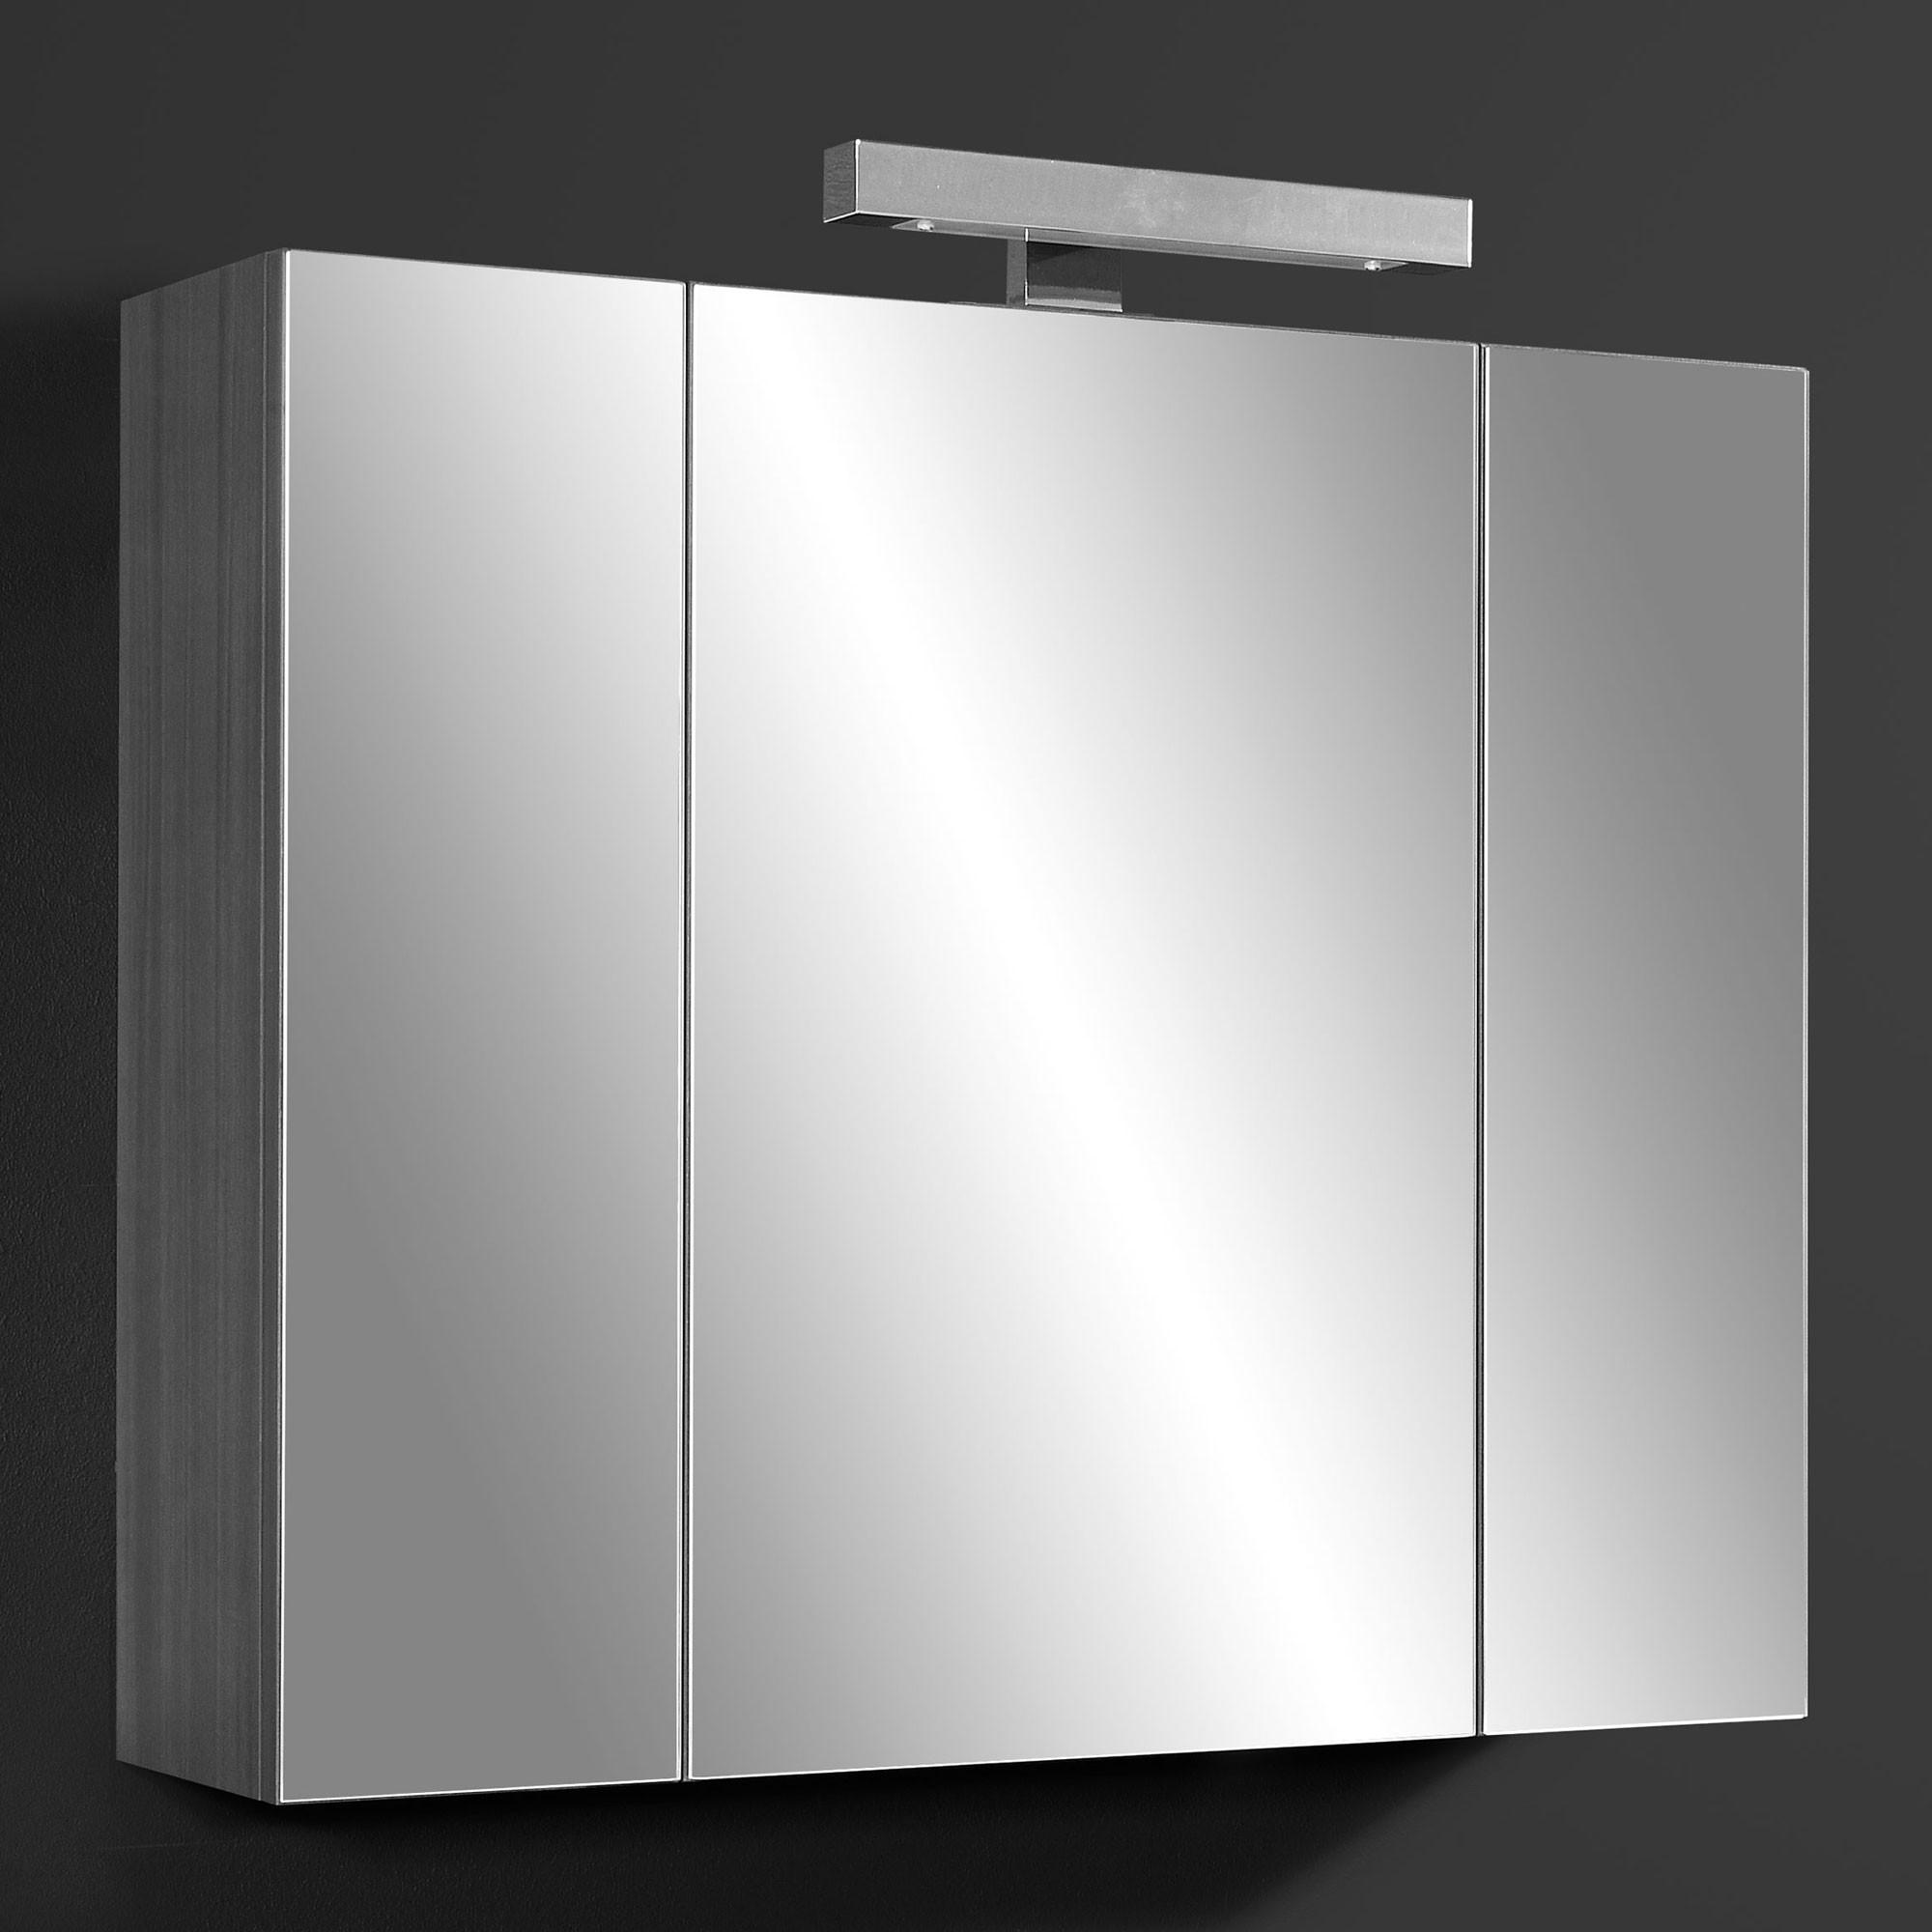 armoire a pharmacie murale avec miroir armoire id es de d coration de maison xgnvnpvn62. Black Bedroom Furniture Sets. Home Design Ideas